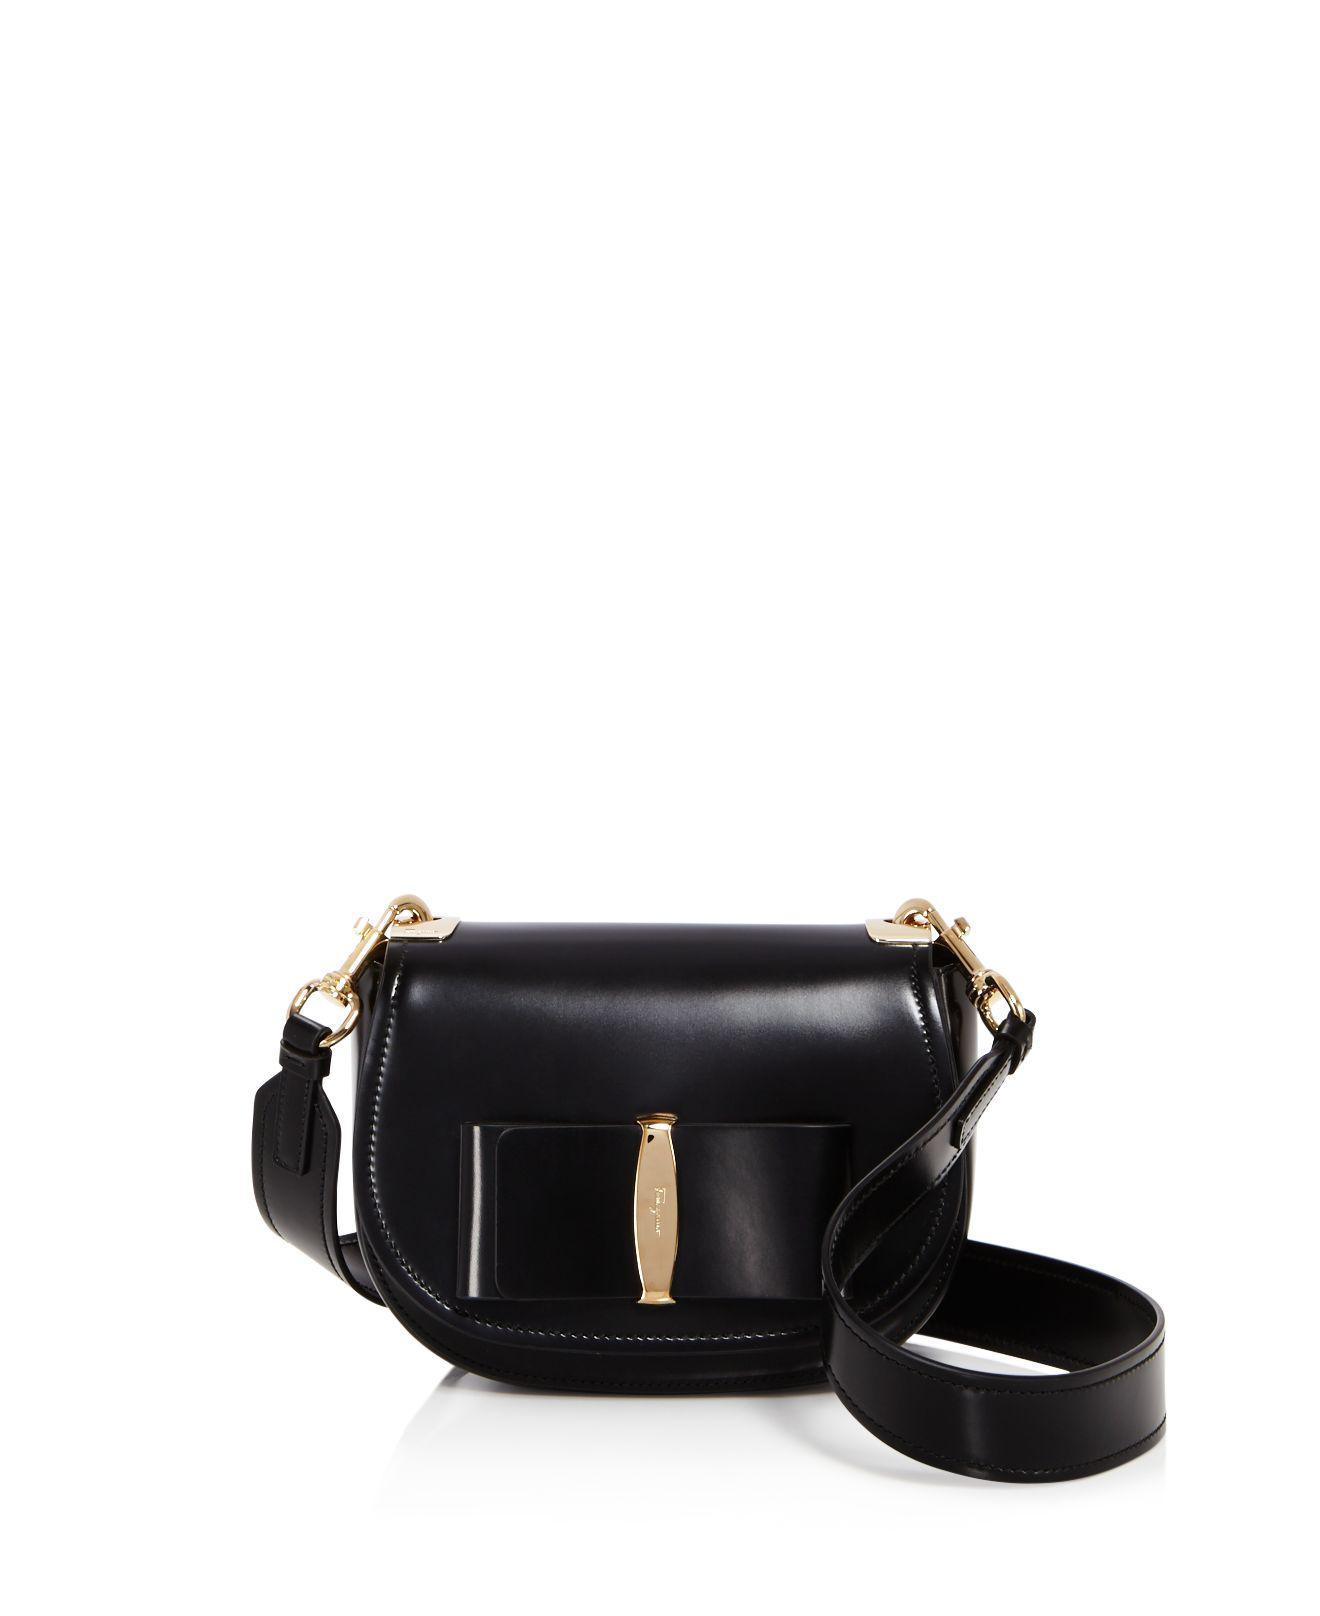 Ferragamo Anna Saddle Bag in Black - Lyst 78ecc65c4006c